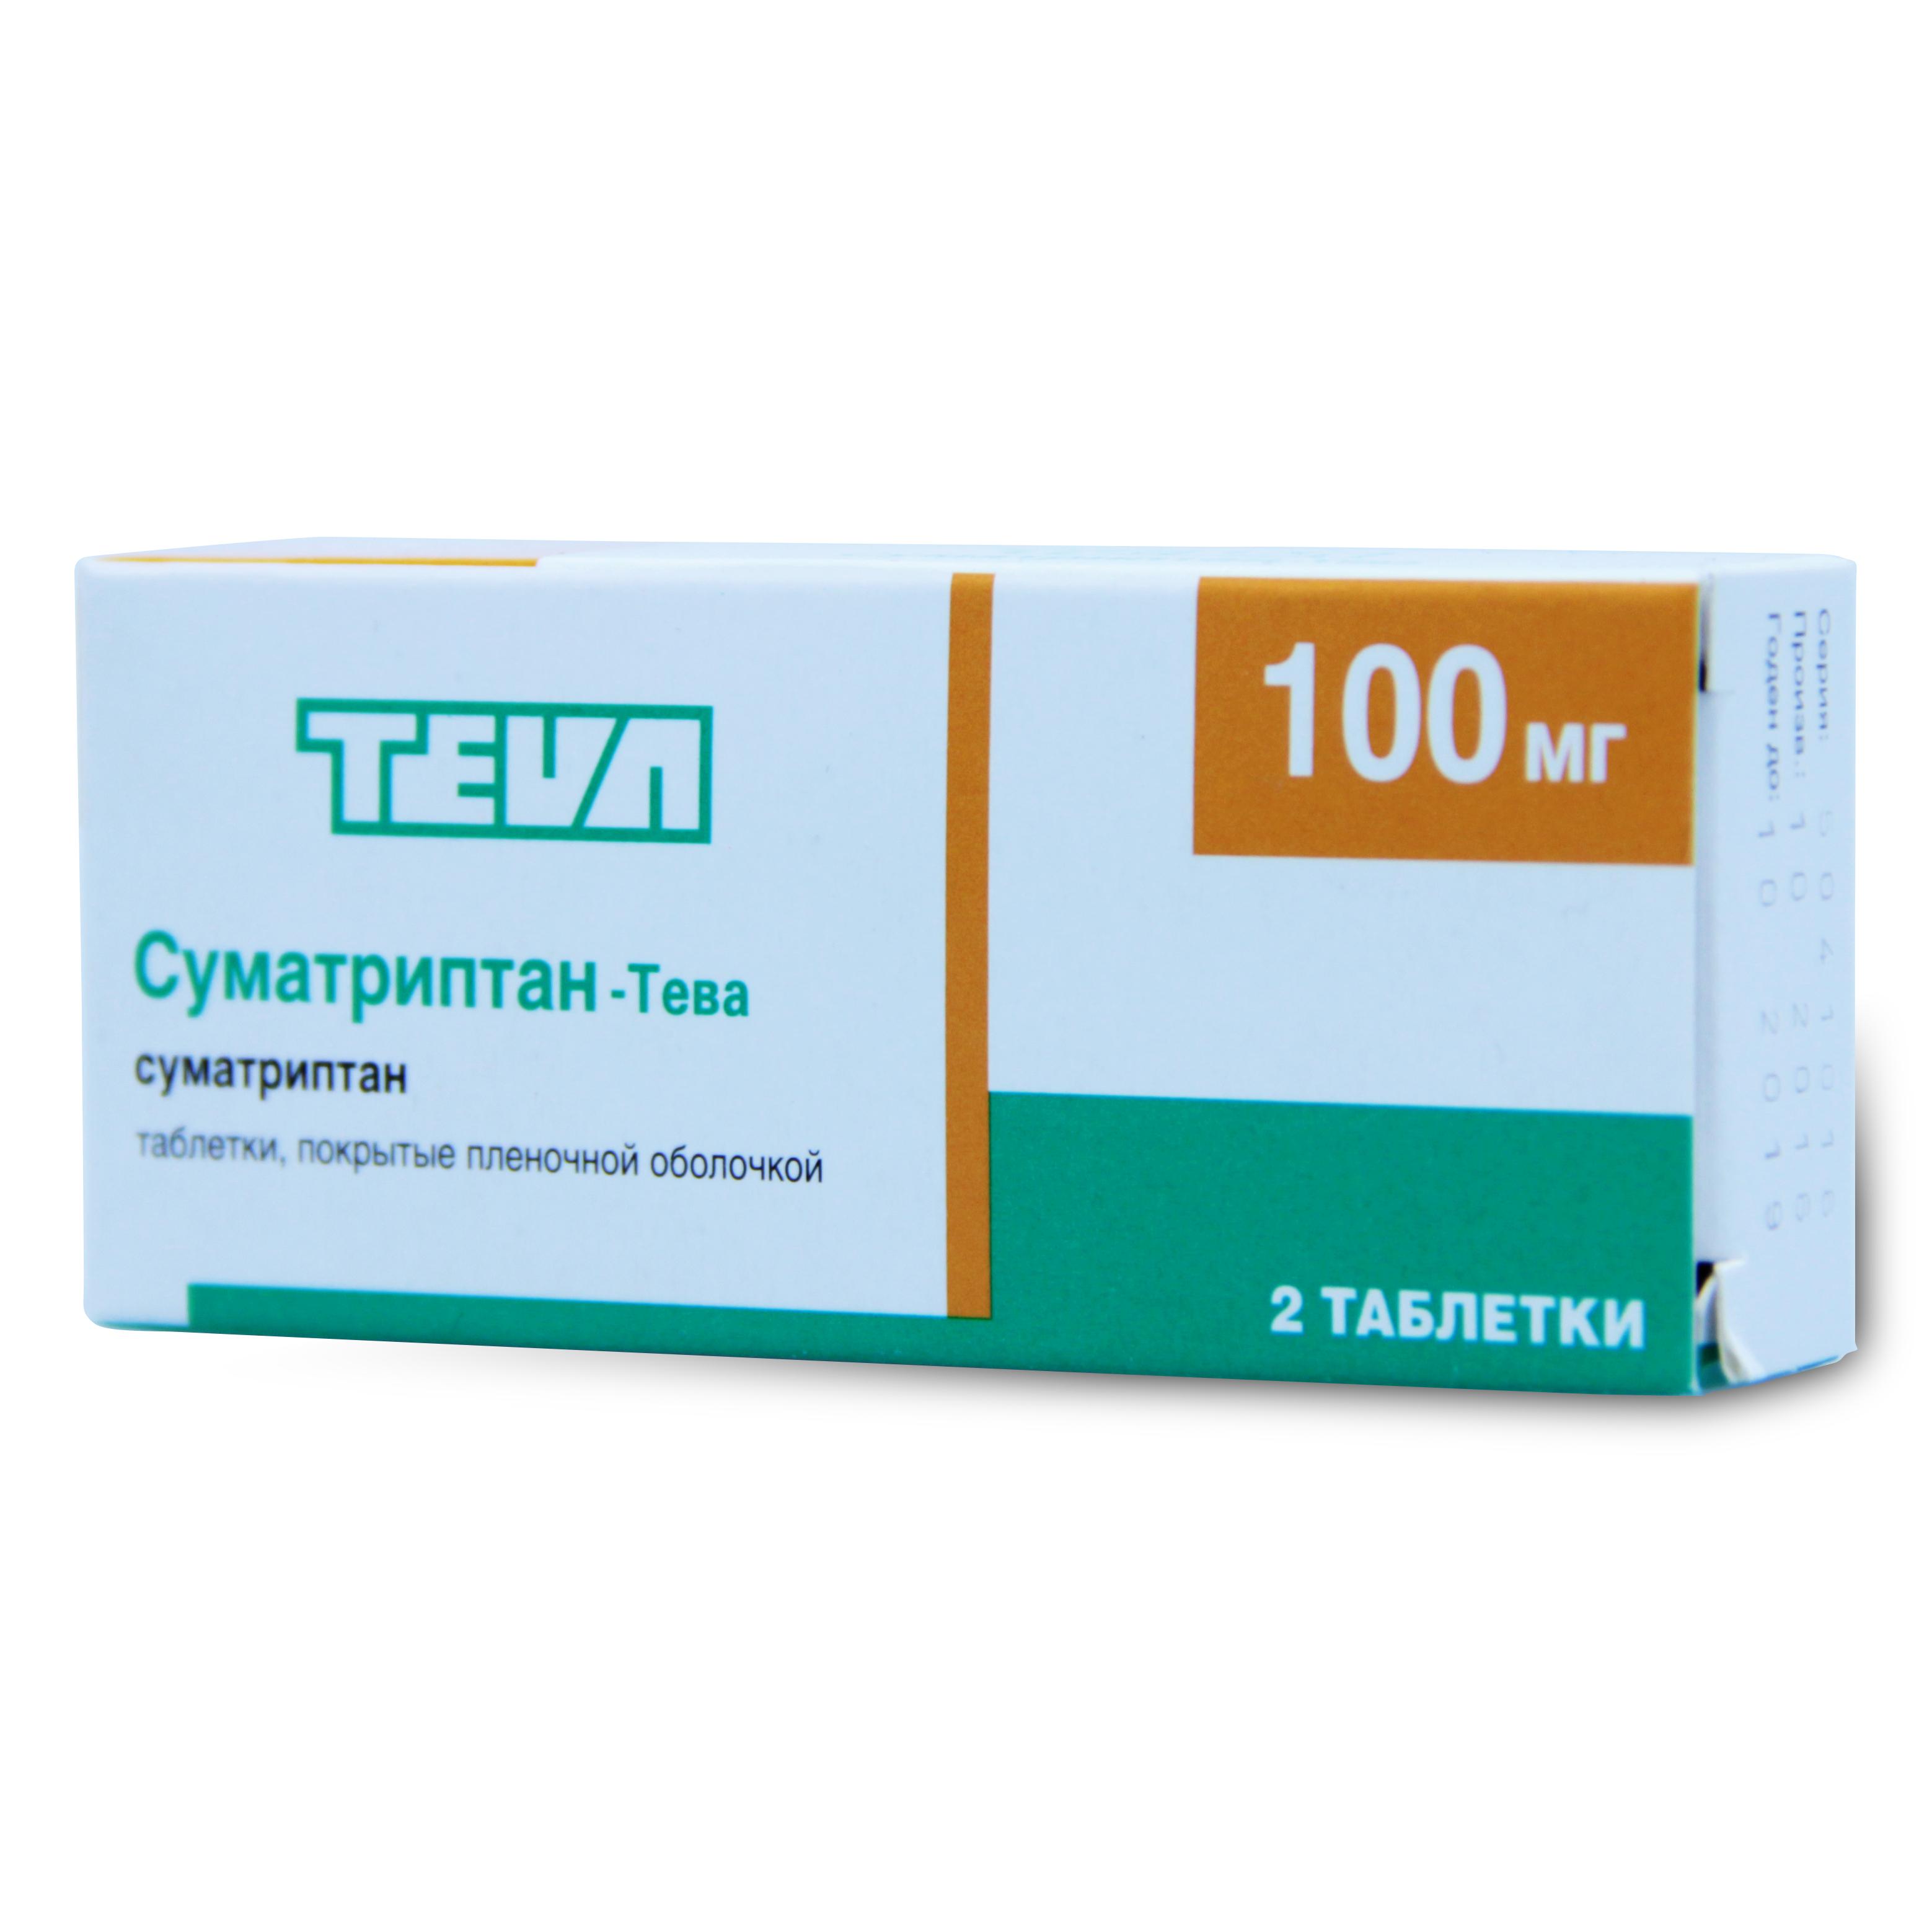 Инструкция по применению суматриптана и отзывы о препарате